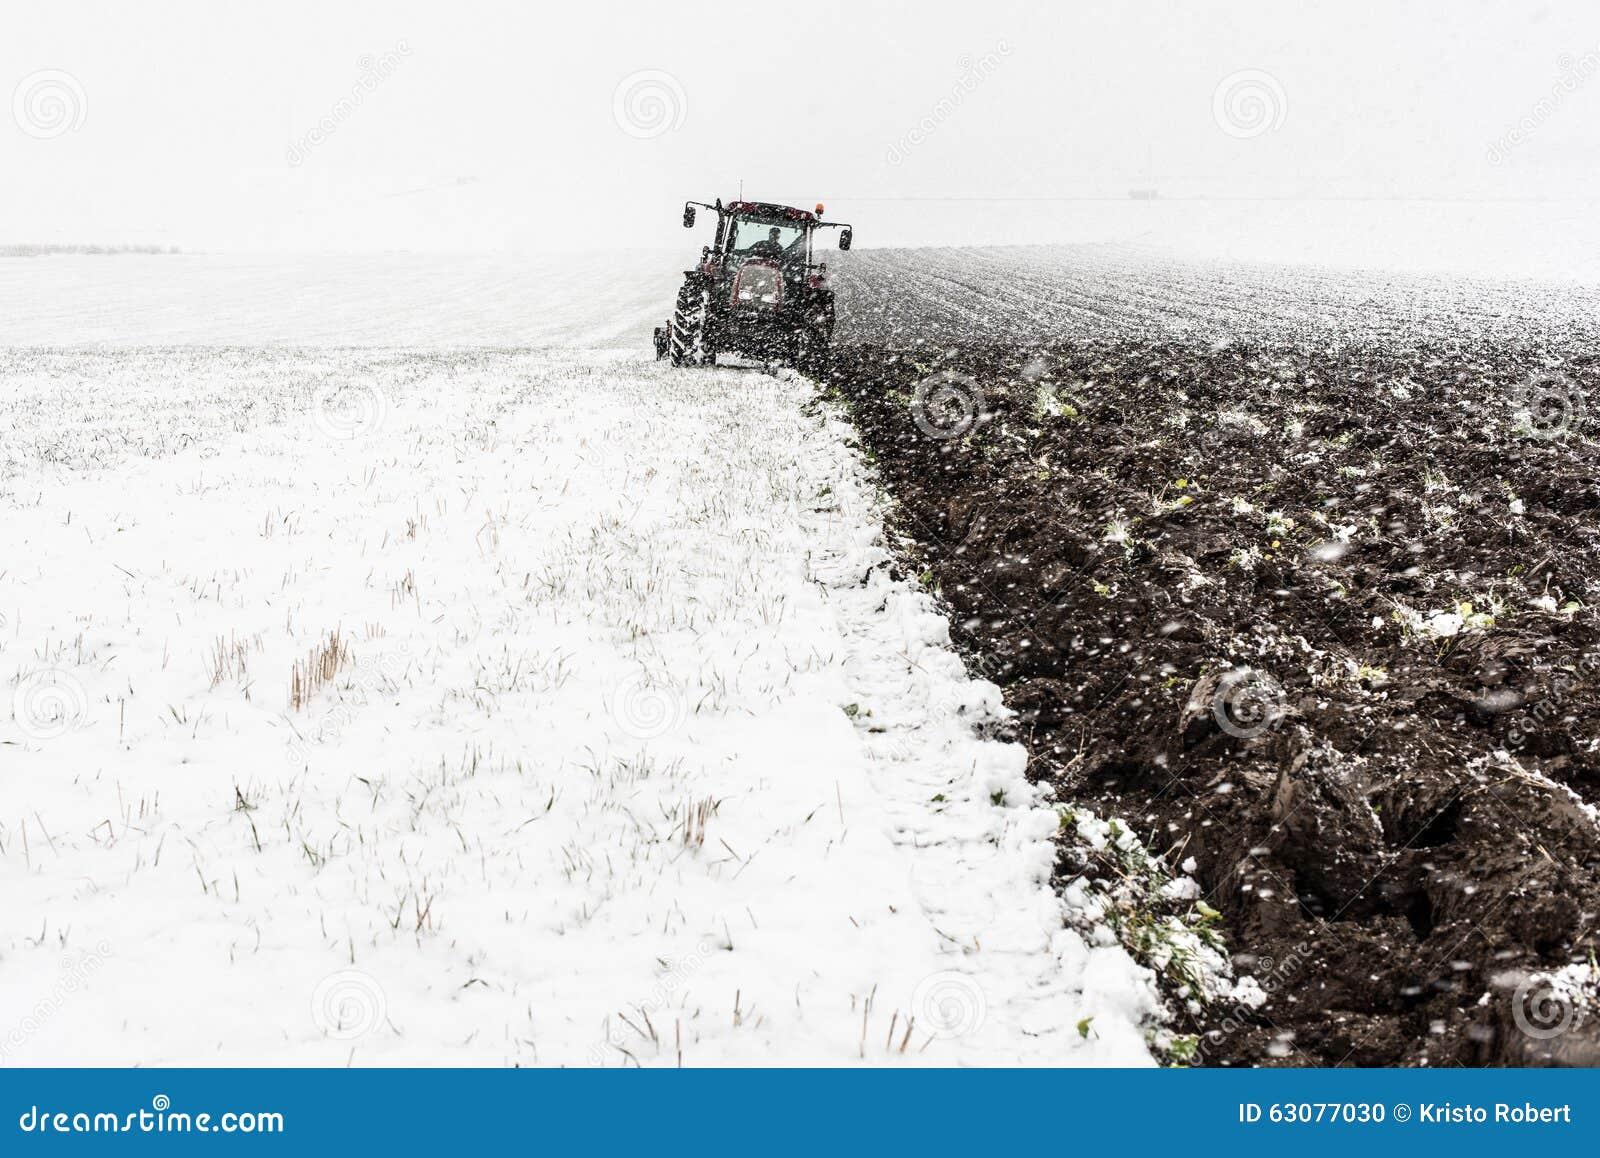 Download Labourage de tracteur photo stock. Image du saleté, métal - 63077030